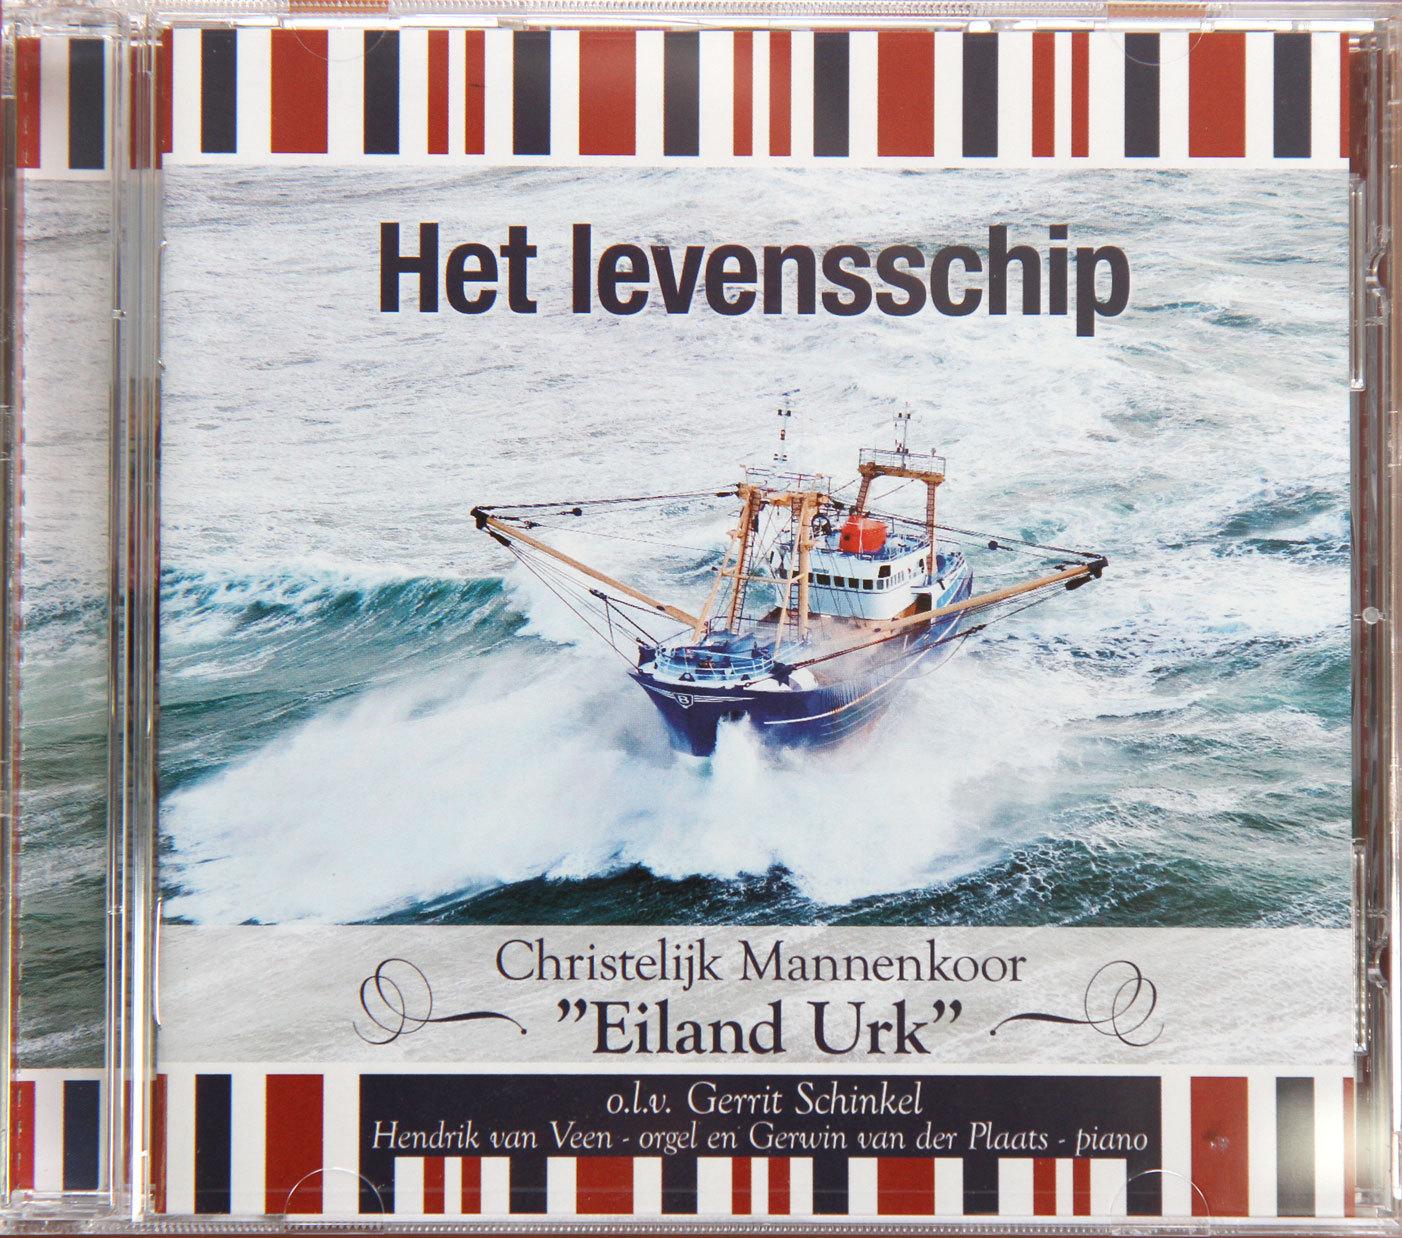 Het levensschip (gold editie)